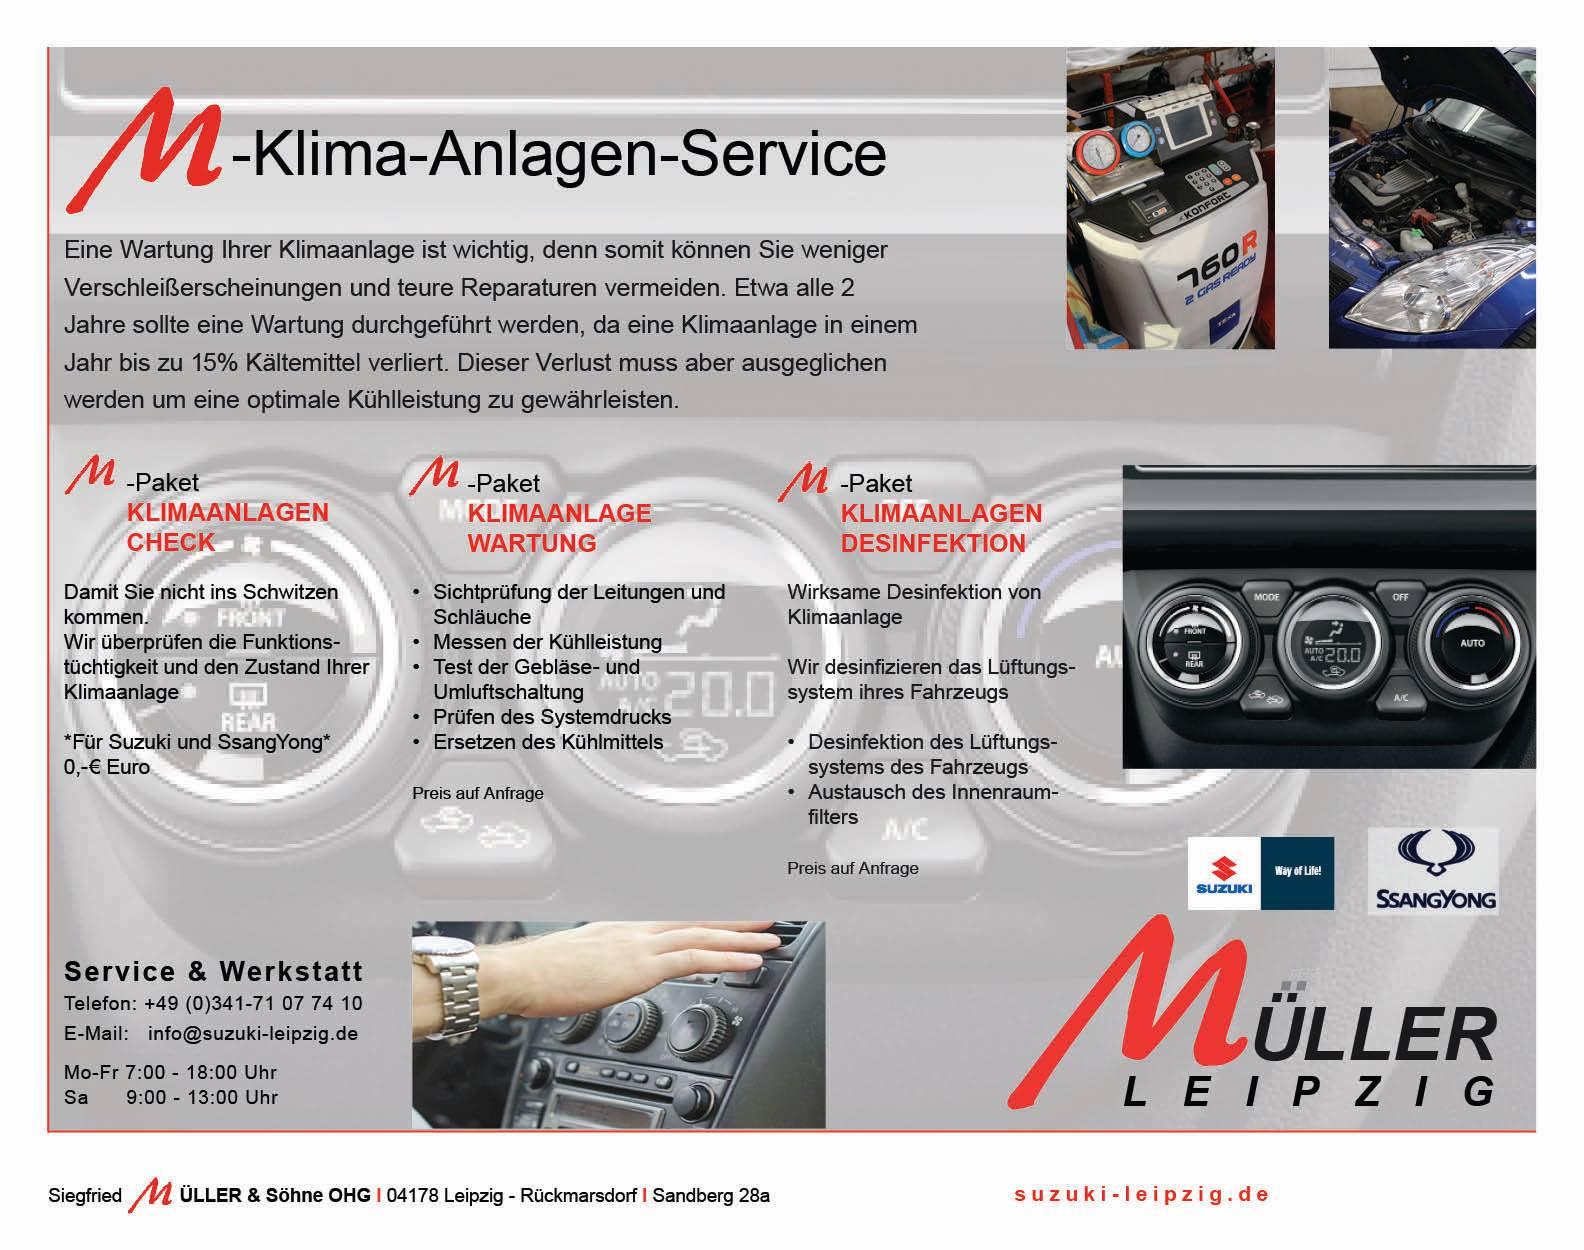 KLima Anlage Service